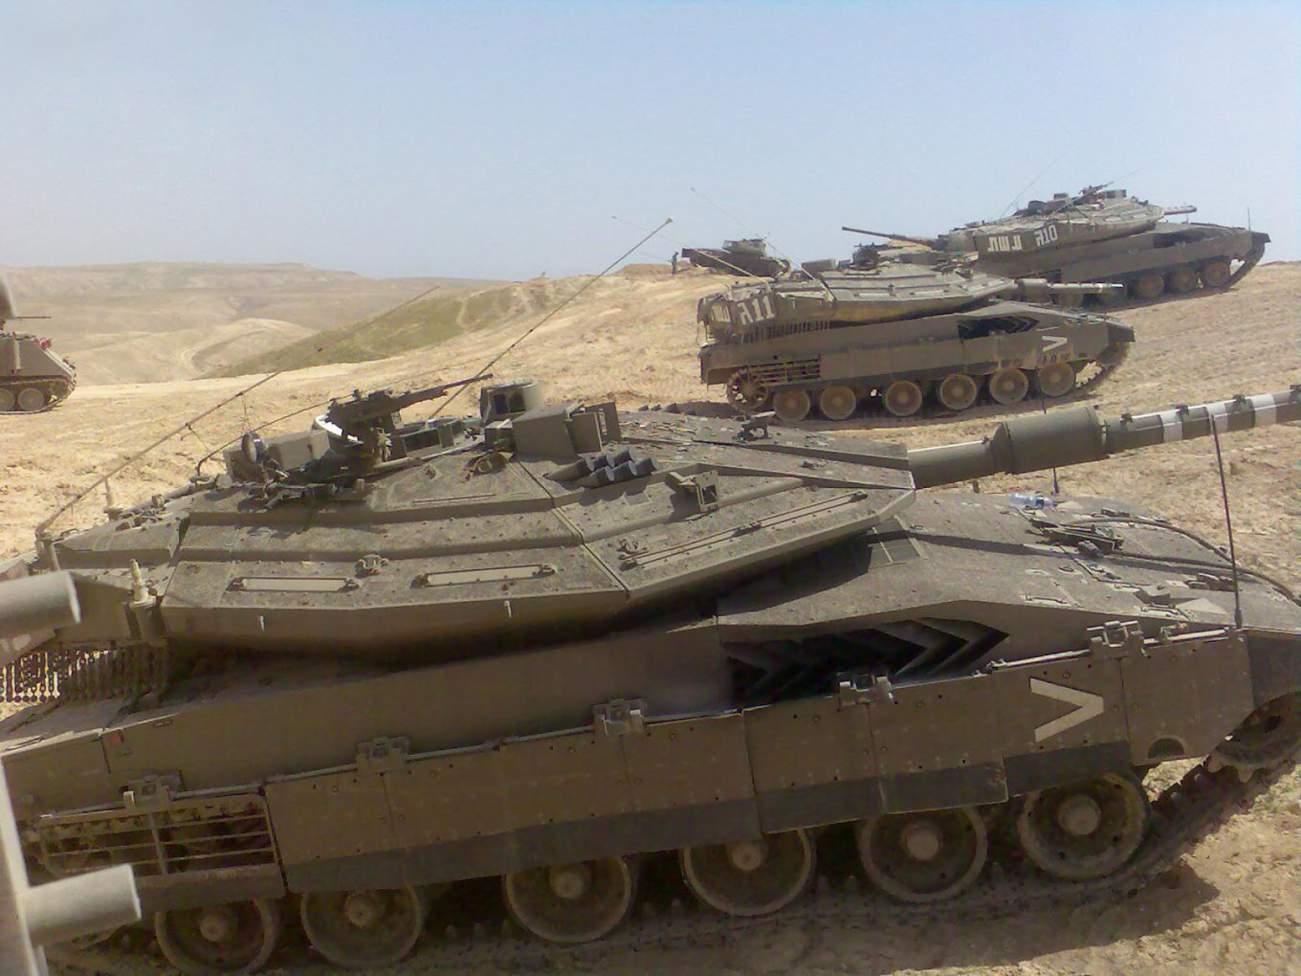 Israels Merkava Tank Seems Almost Unstoppable